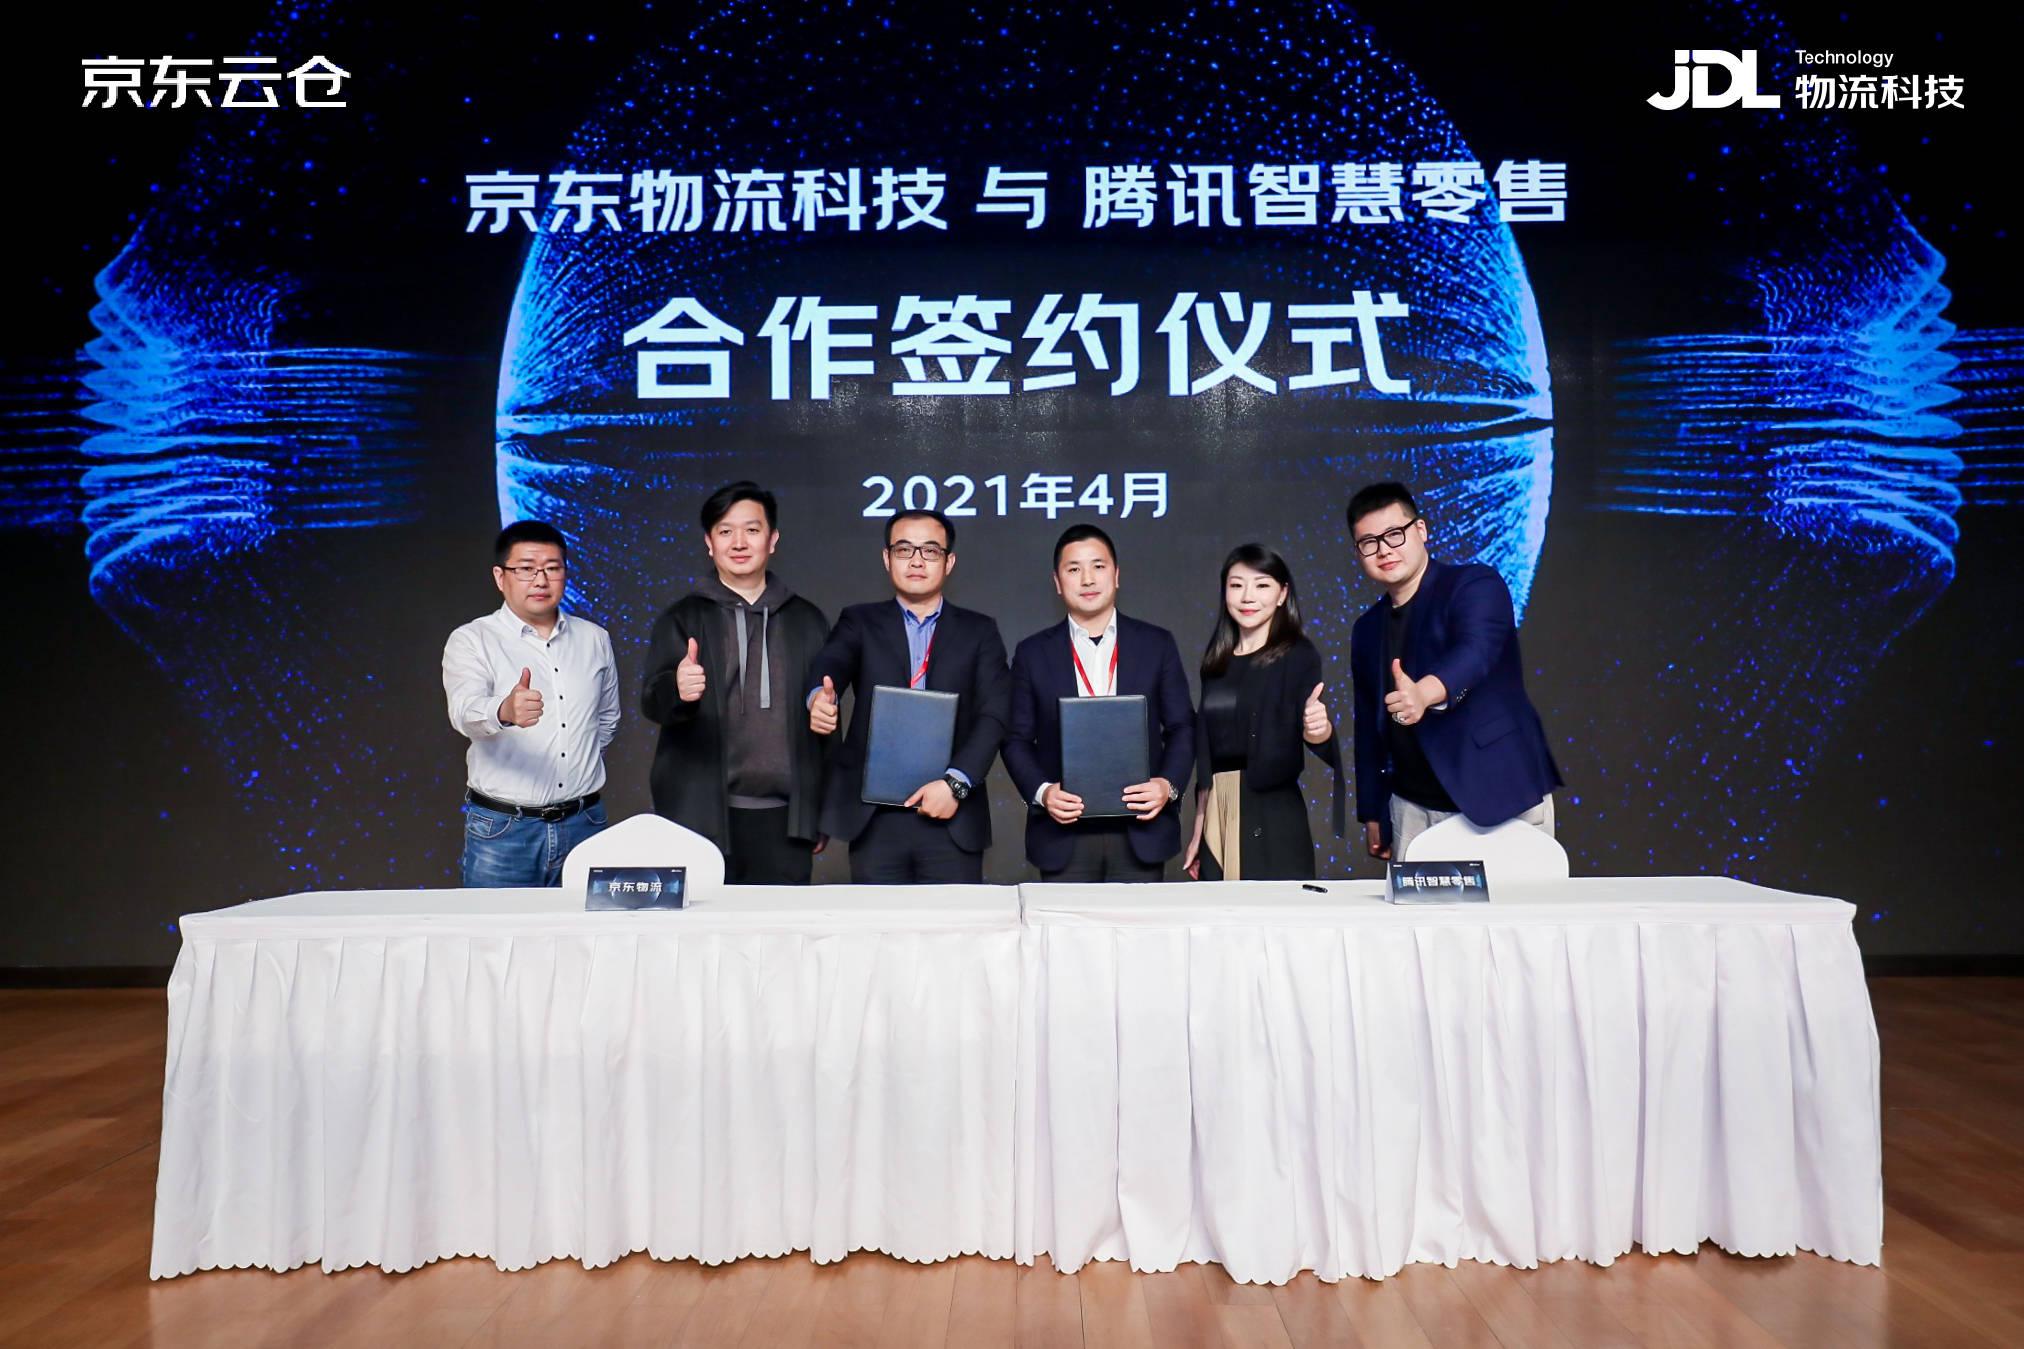 腾讯智慧零售携手京东物流推出京腾云仓,打造社交电商新平台、新生意、新增长